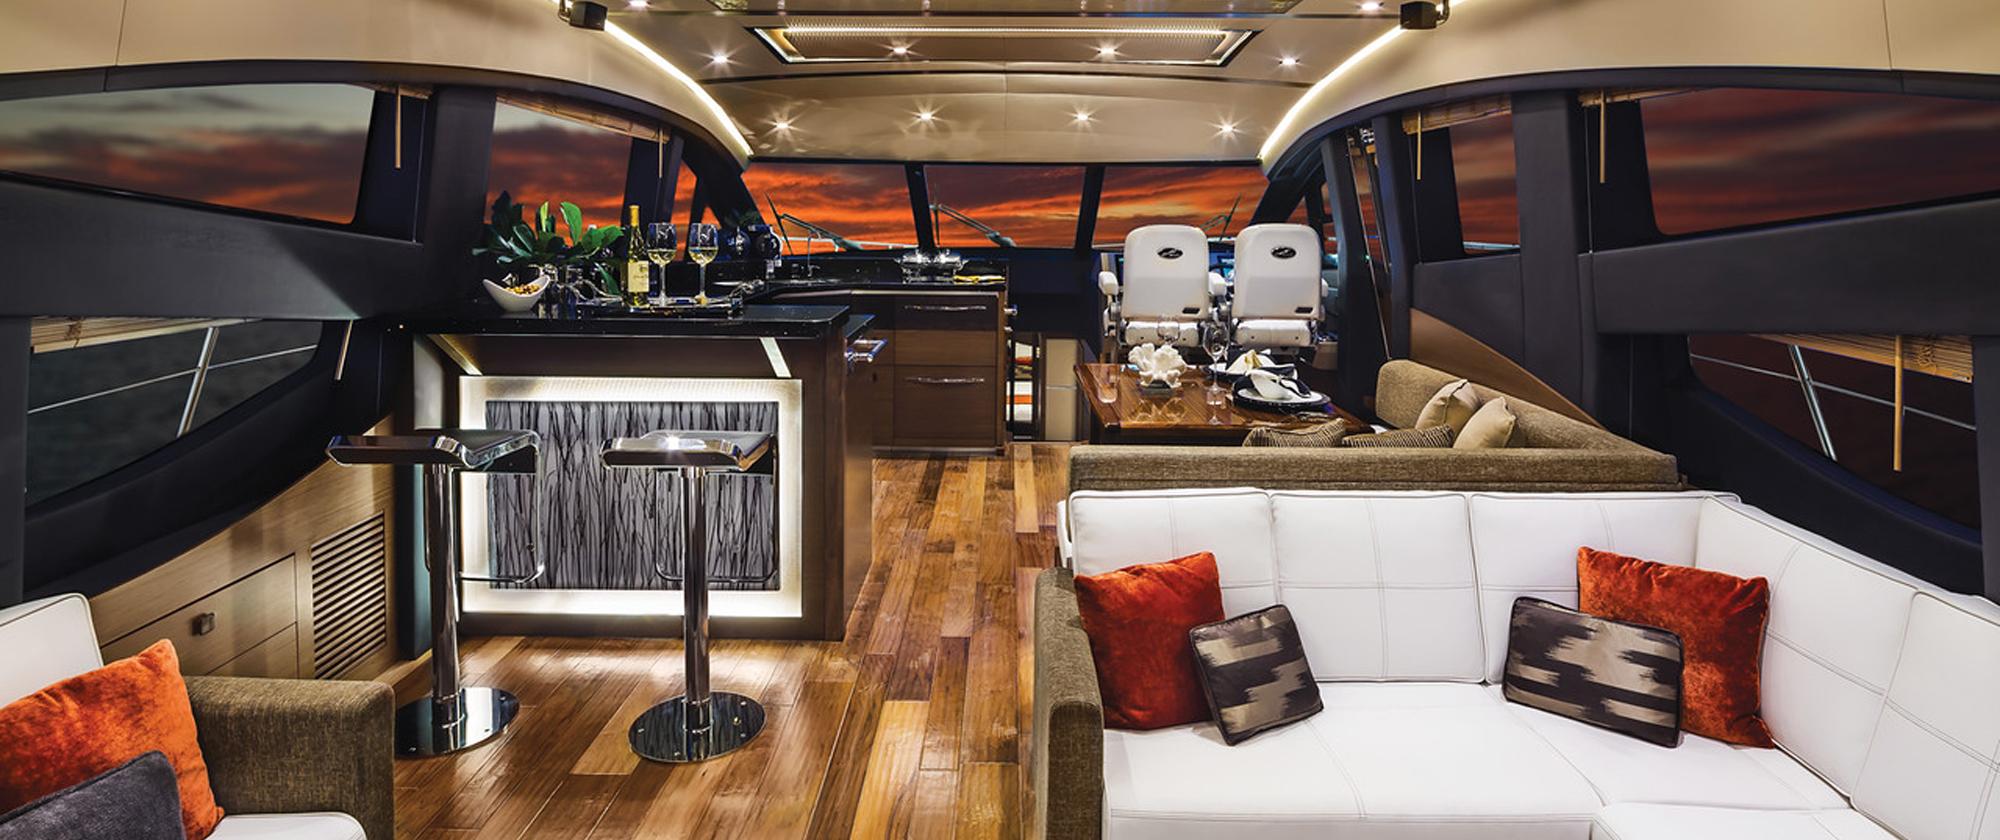 650 Interior